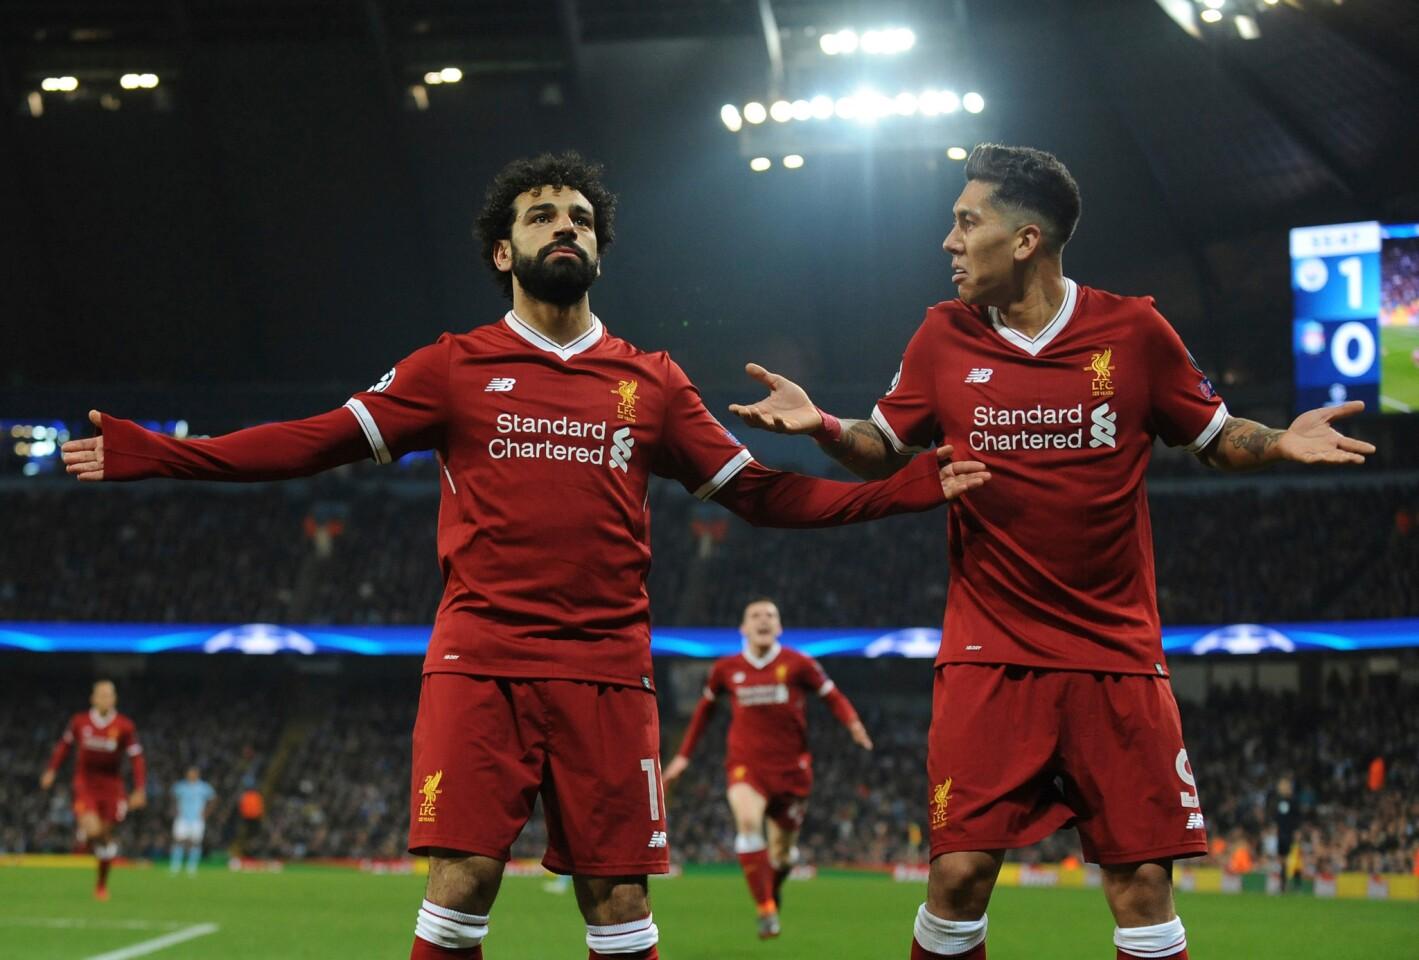 Mohamed Salah (izquierda) del Liverpool festeja tras anotar el primer gol de su equipo junto a Roberto Firmino en el partido contra Manchester City en los cuartos de final de la Liga de Campeones, en Manchester, el martes 10 de abril de 2018.